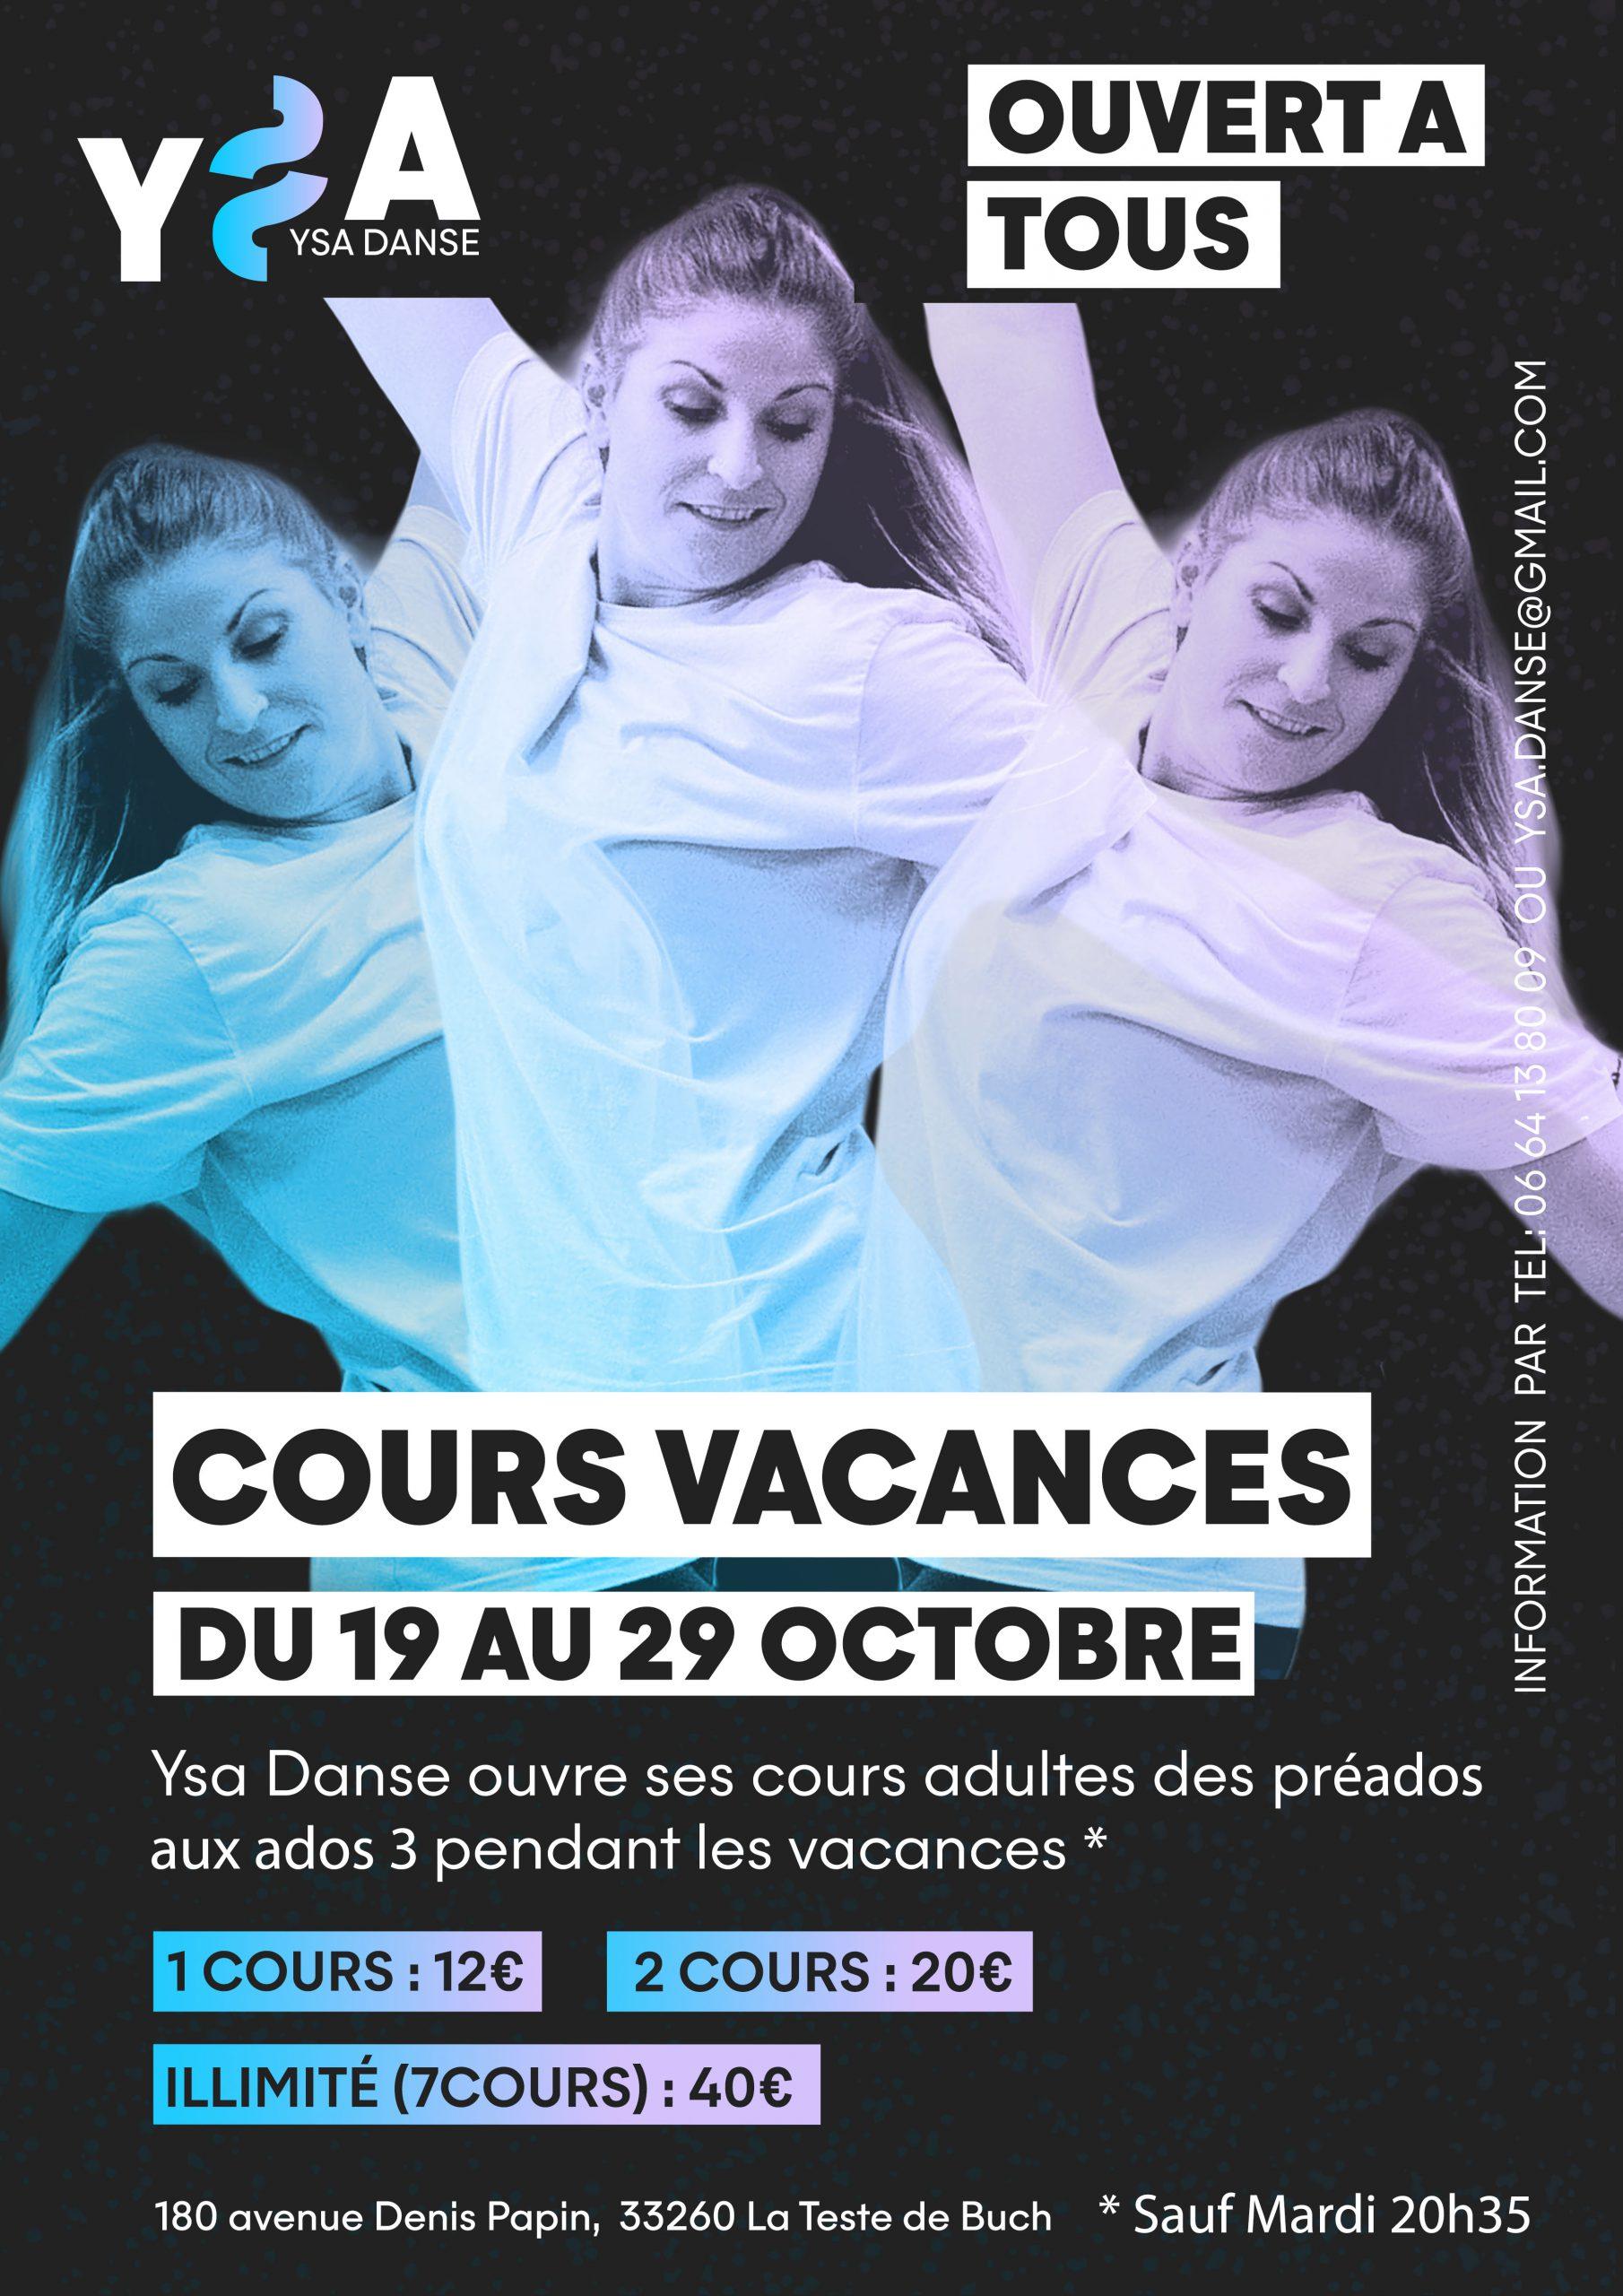 Affiche pour annoncer que les jeunes peuvent participer aux cours adultes pendant les vacances